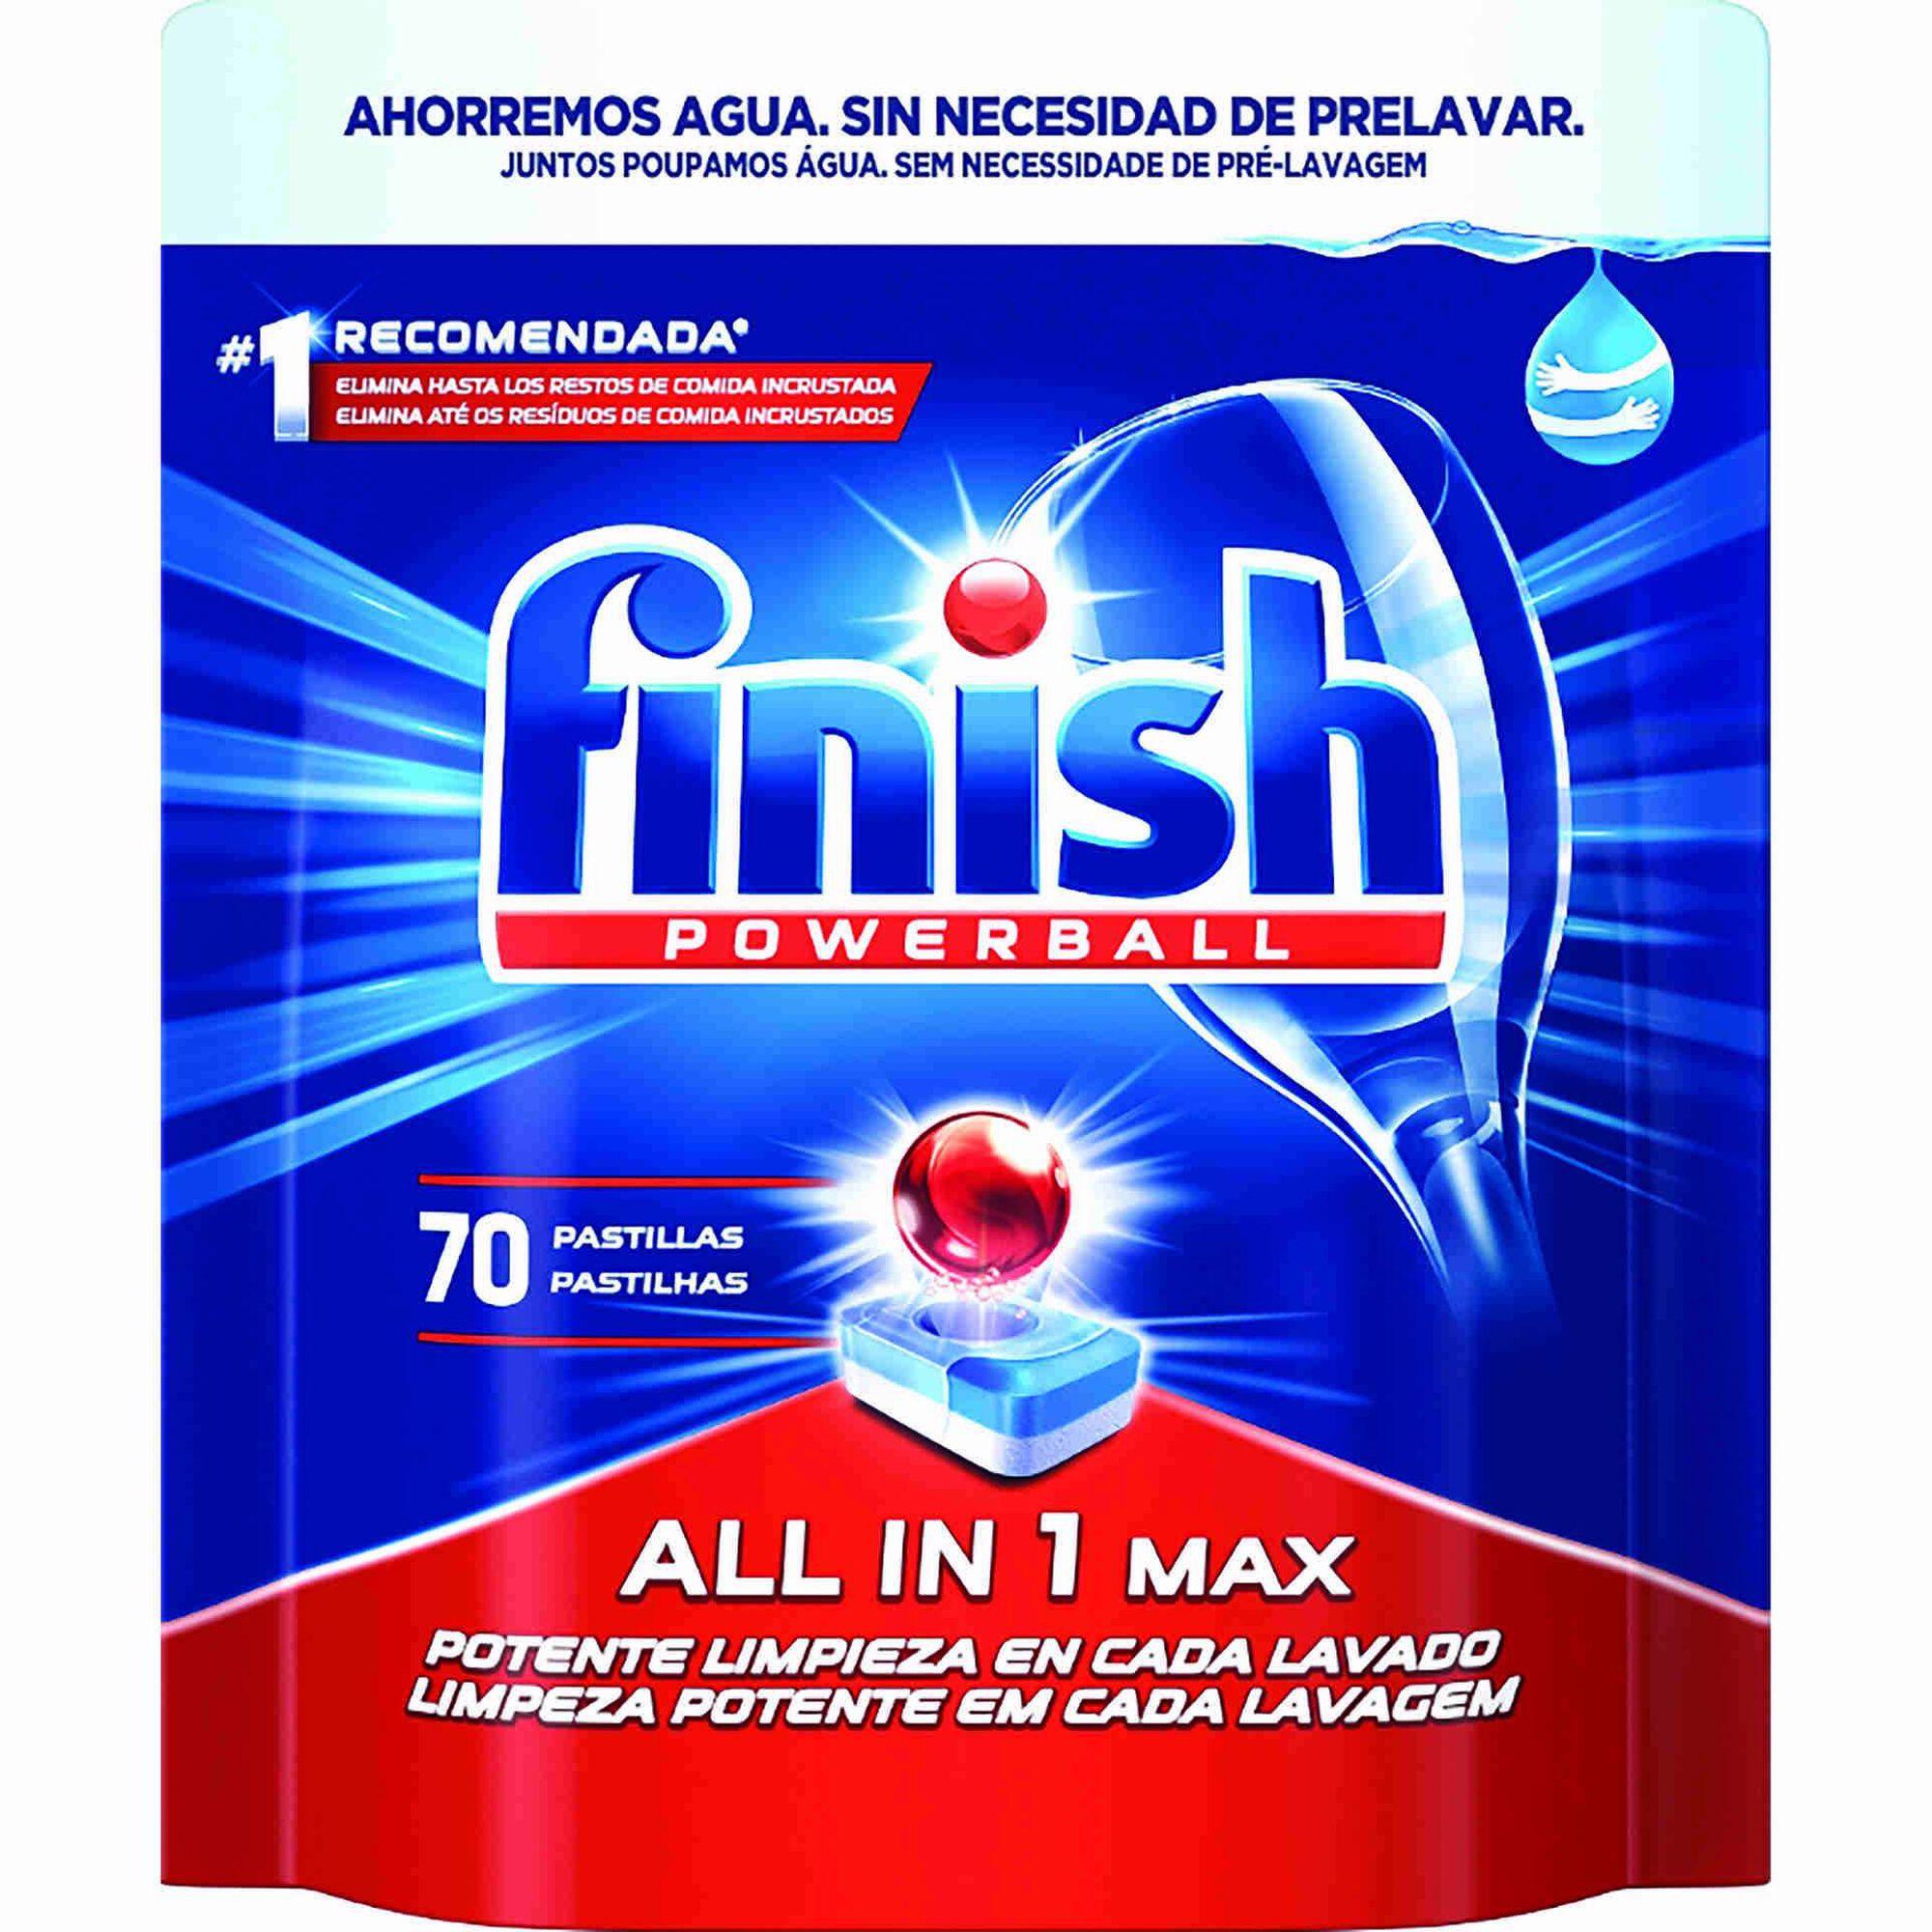 Detergente Máquina Loiça Pastilhas All in 1 Regular